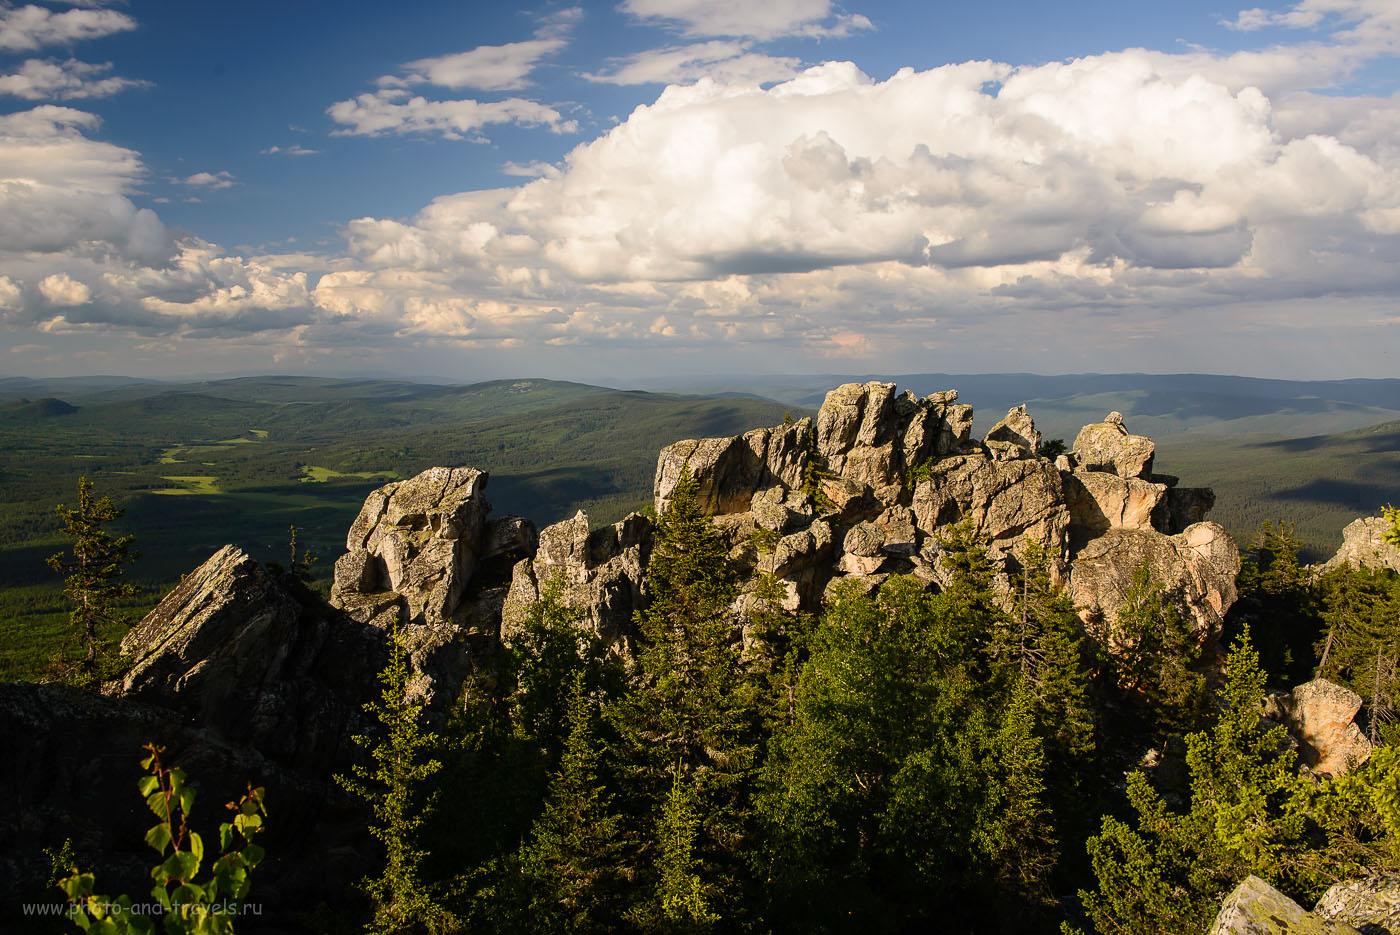 16. Виды на вершине горы Малиновая. Отдых в Башкирии (160, 28, 8.0, 1/250)